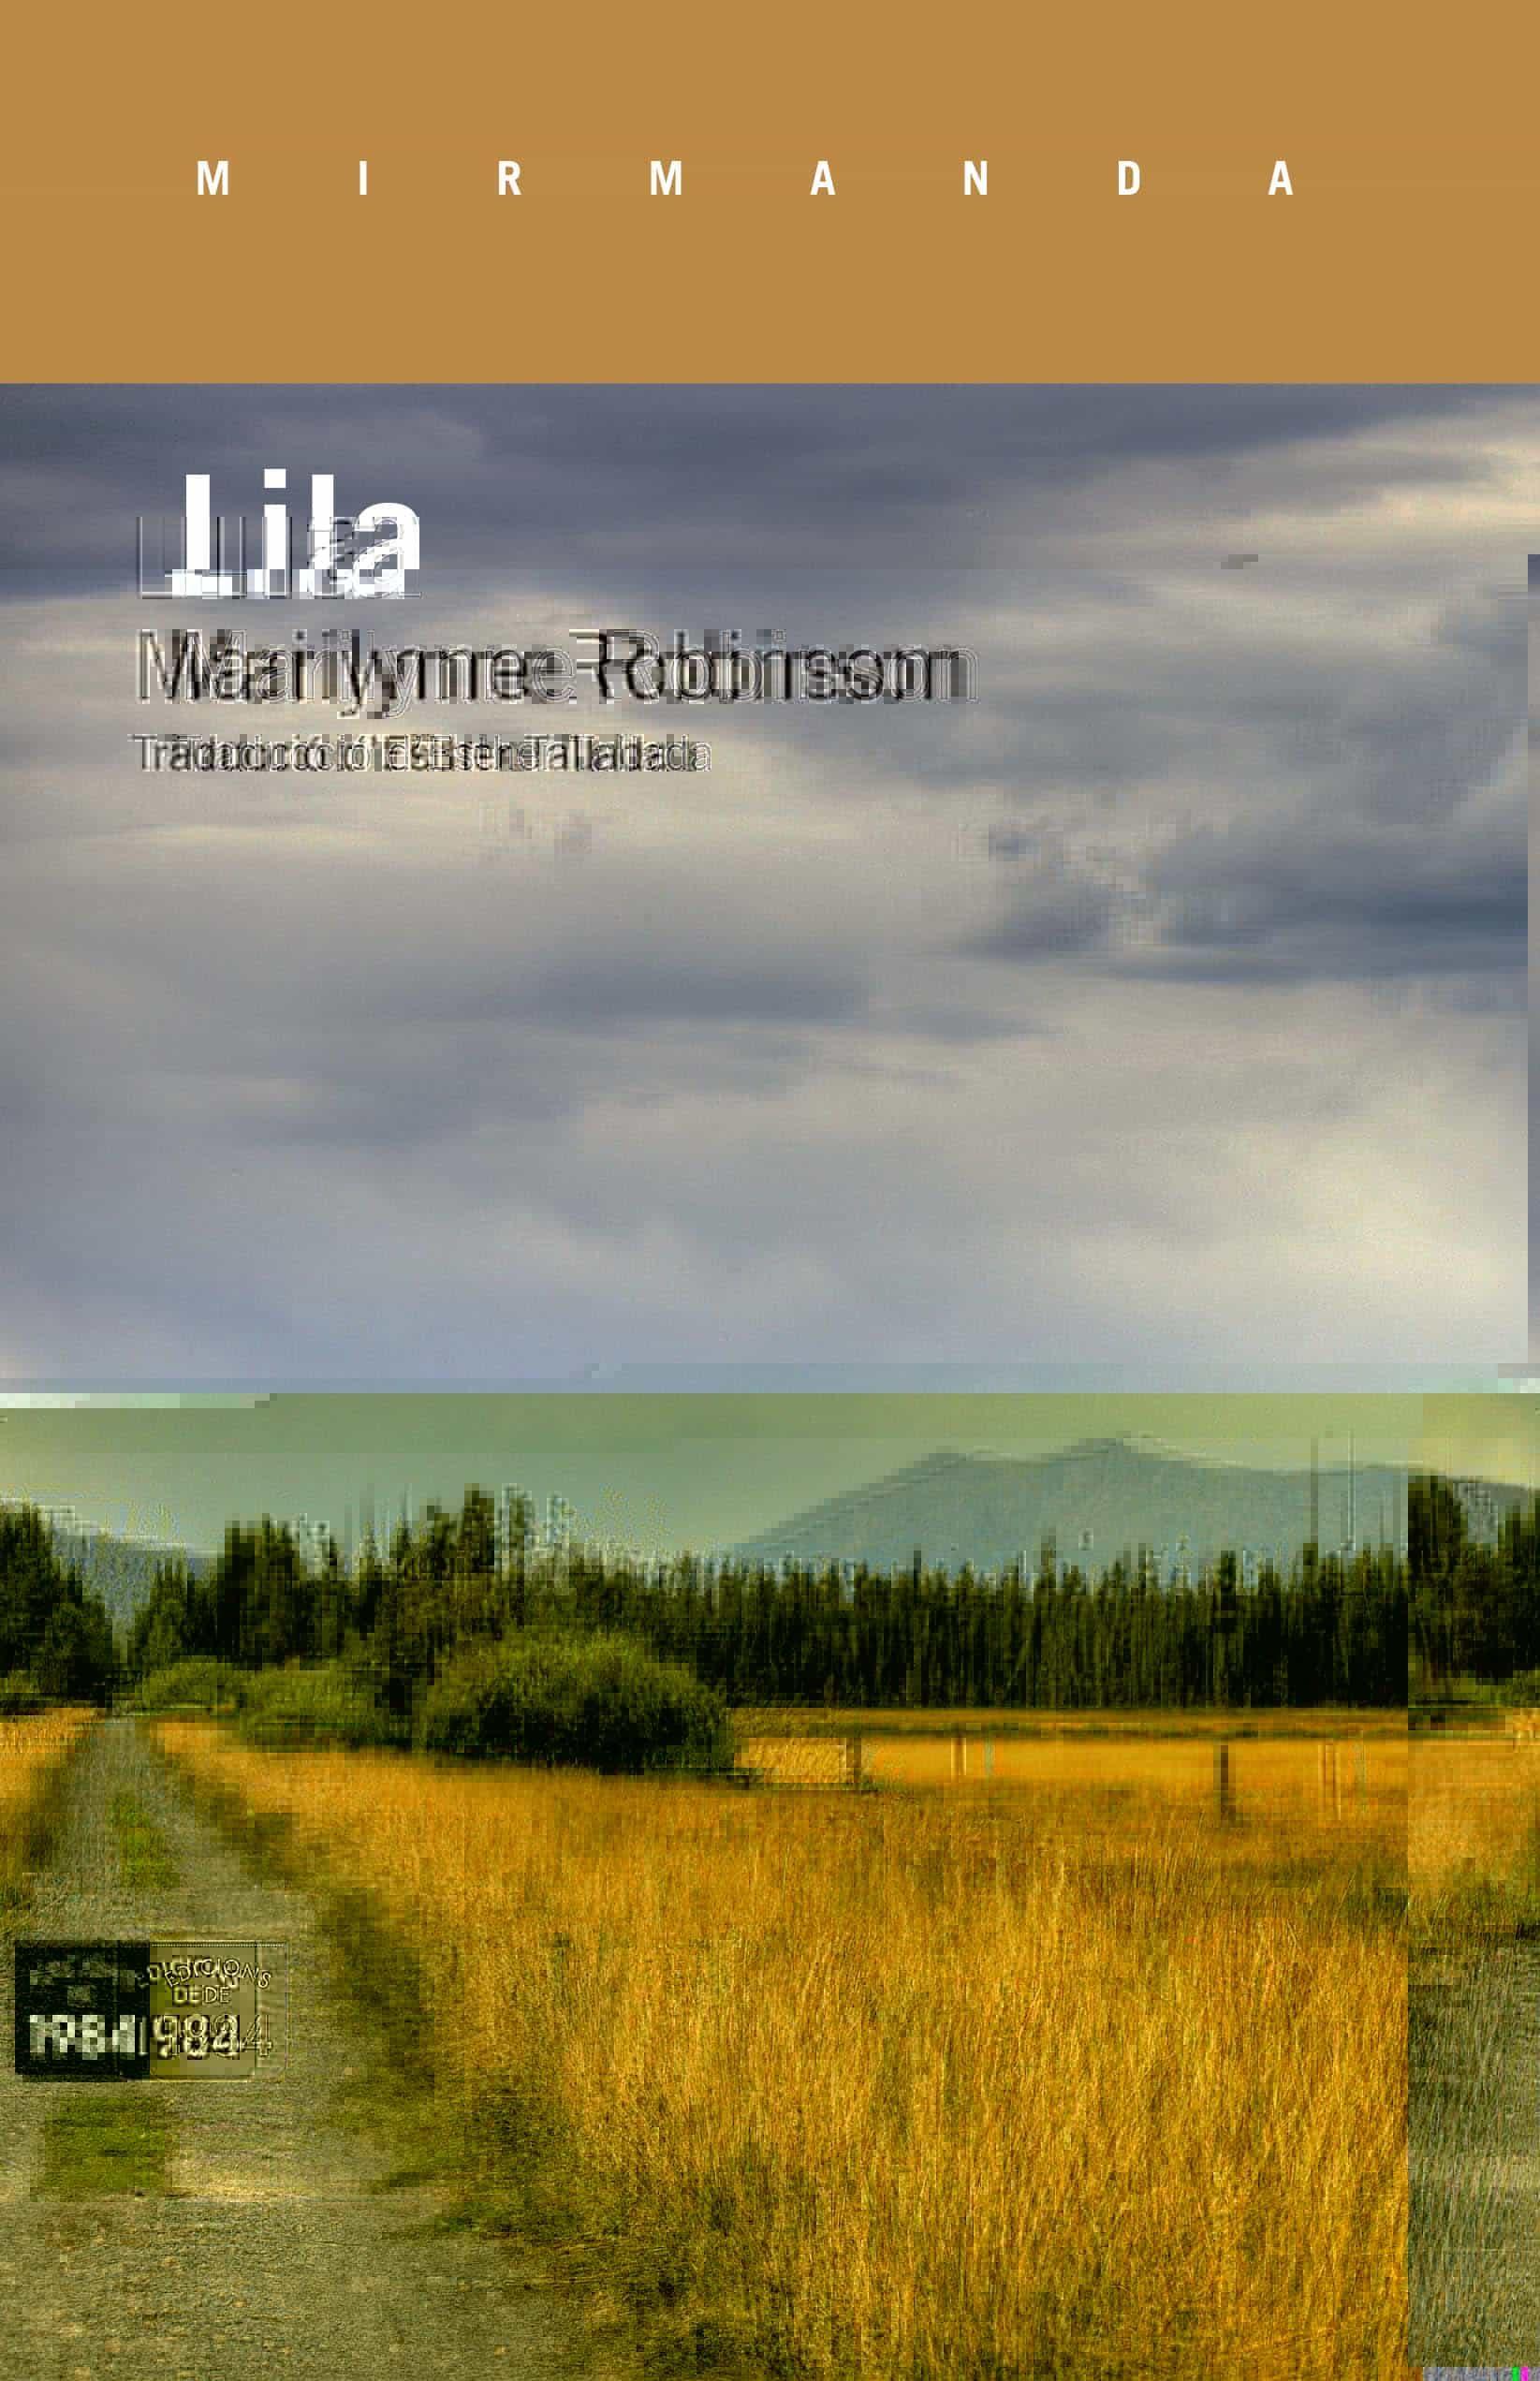 Lila (Mirmanda)